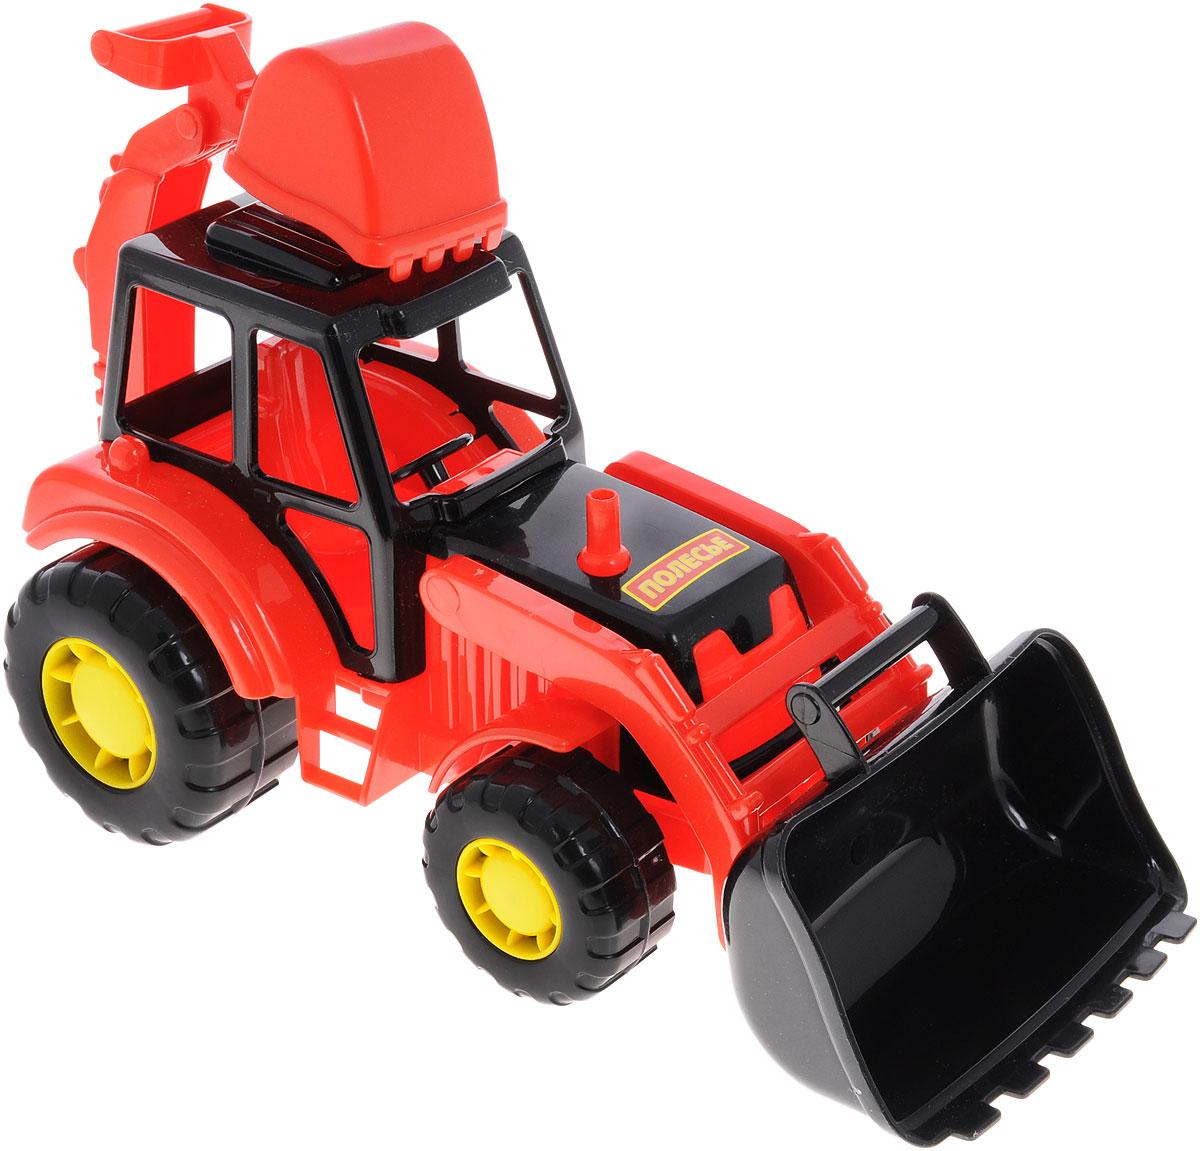 Полесье Трактор-экскаватор Мастер цвет красный35318_красныйЯркий трактор-экскаватор Мастер обязательно понравится вашему малышу и займет его внимание надолго. Трактор может грести песок или снег, а может ковшом копать ямку (котлован) в песочнице. Экскаватор оснащен двумя подвижными ковшами, снабжен большими устойчивыми колесами со свободным ходом. Ваш маленький строитель часами будет играть с таким экскаватором, придумывая различные истории. Порадуйте его таким замечательным подарком!